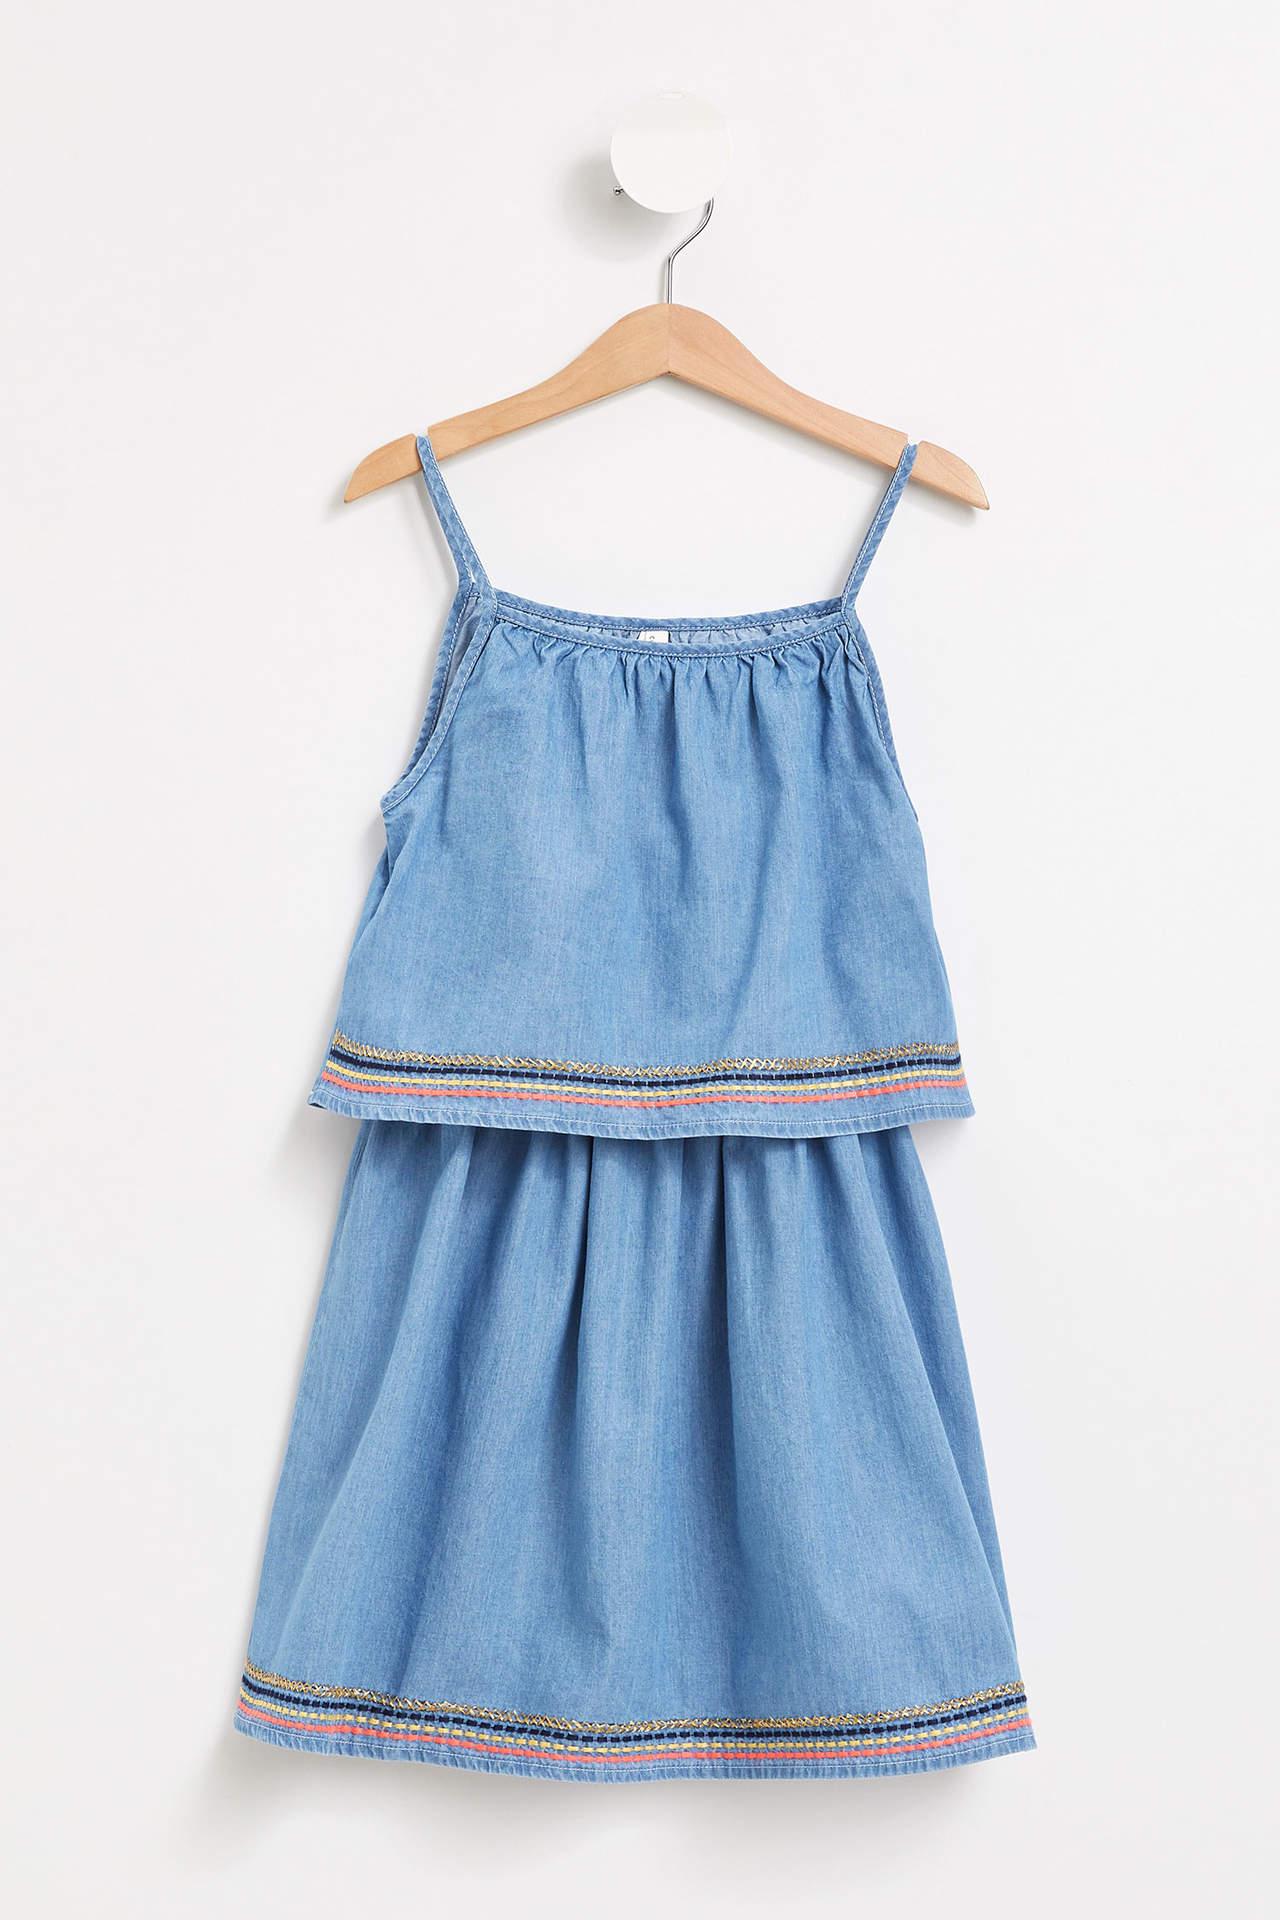 DeFacto Kız Çocuk Etek Uçları İşlemeli Jean Elbise Mavi female